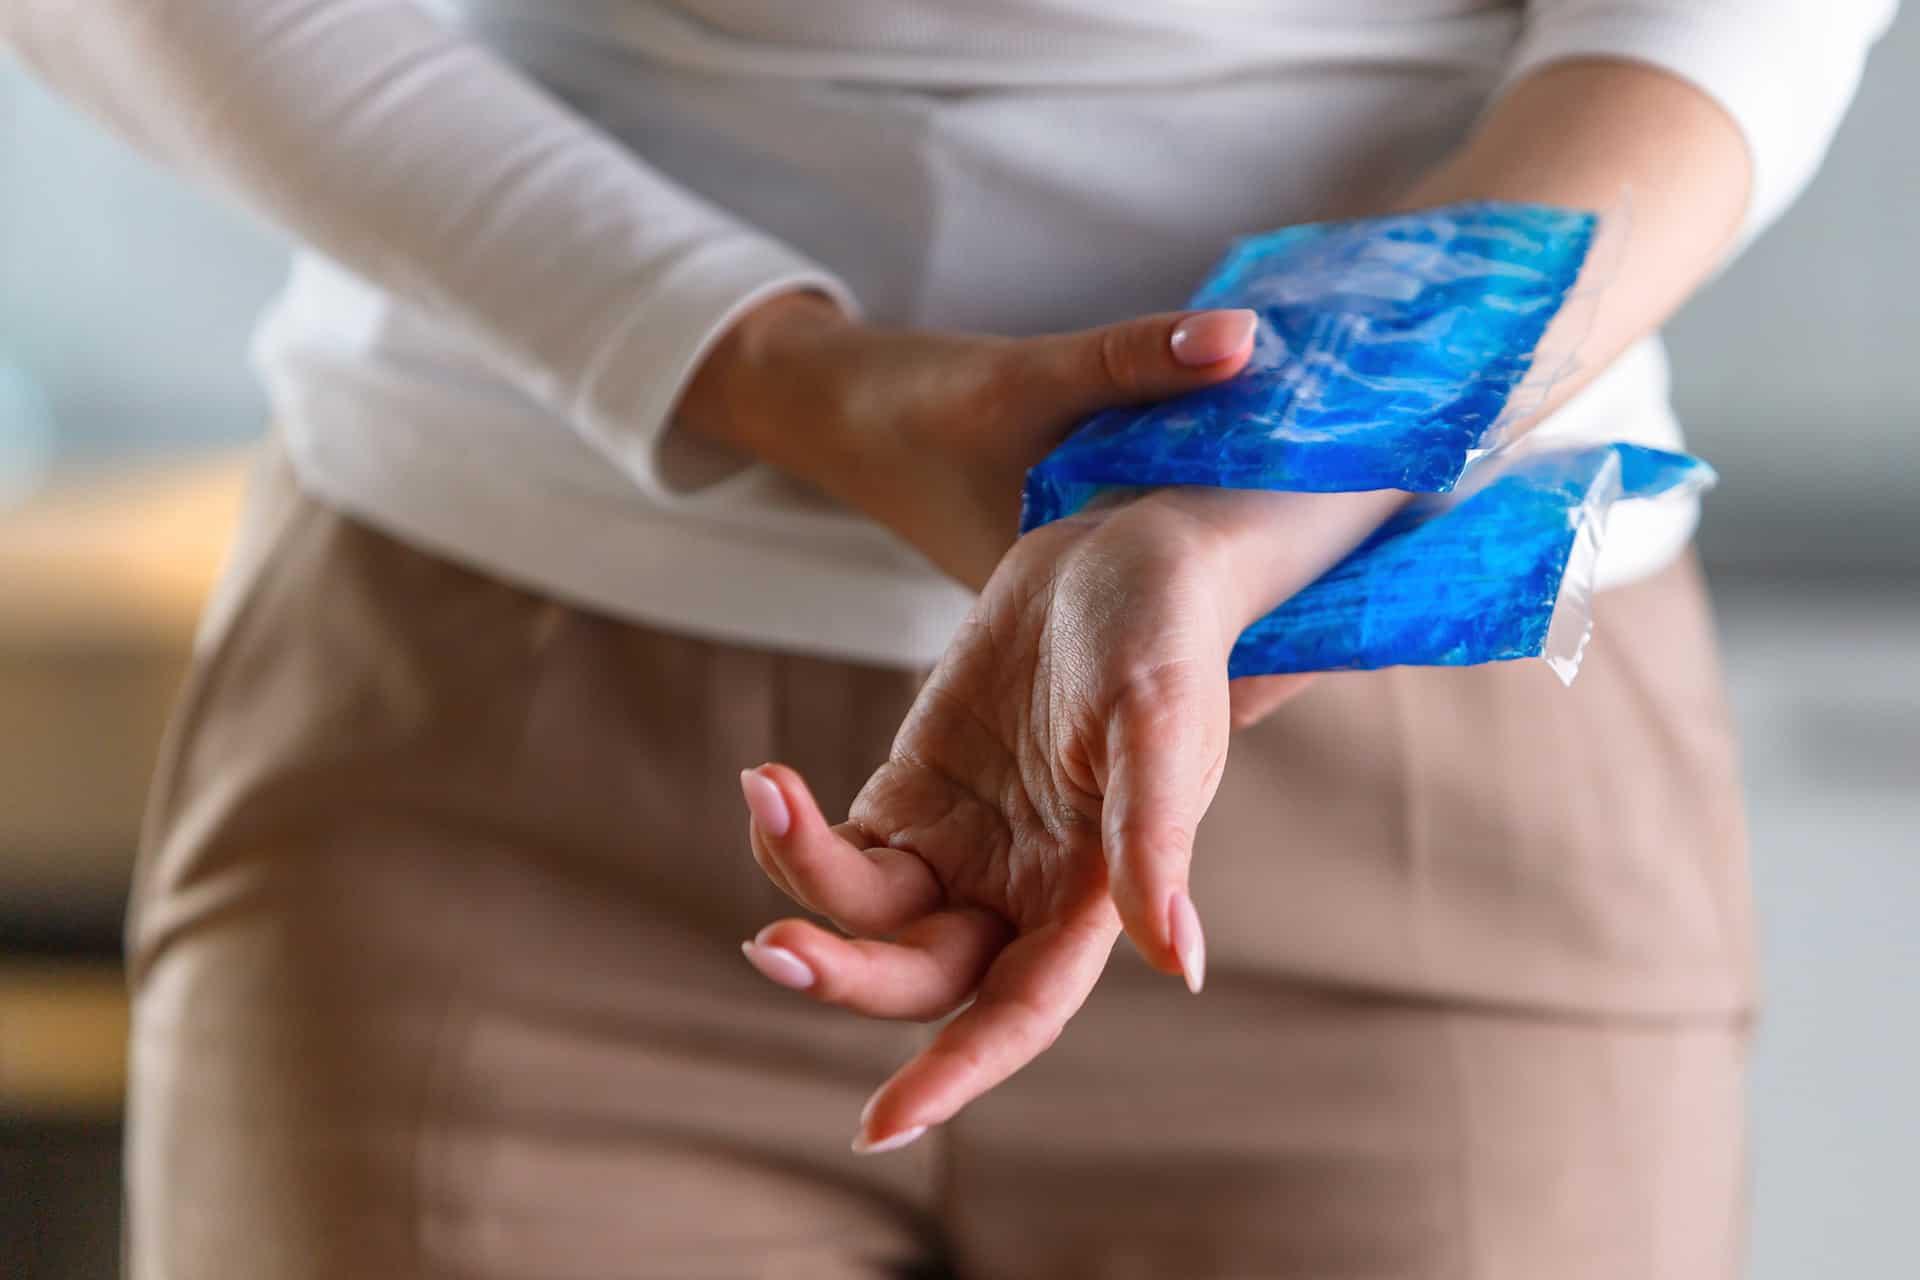 對類風濕關節炎的患者來說,能夠控制病情是十分重要的,而使用有效的藥物治療,才能讓病人關節得到保護。